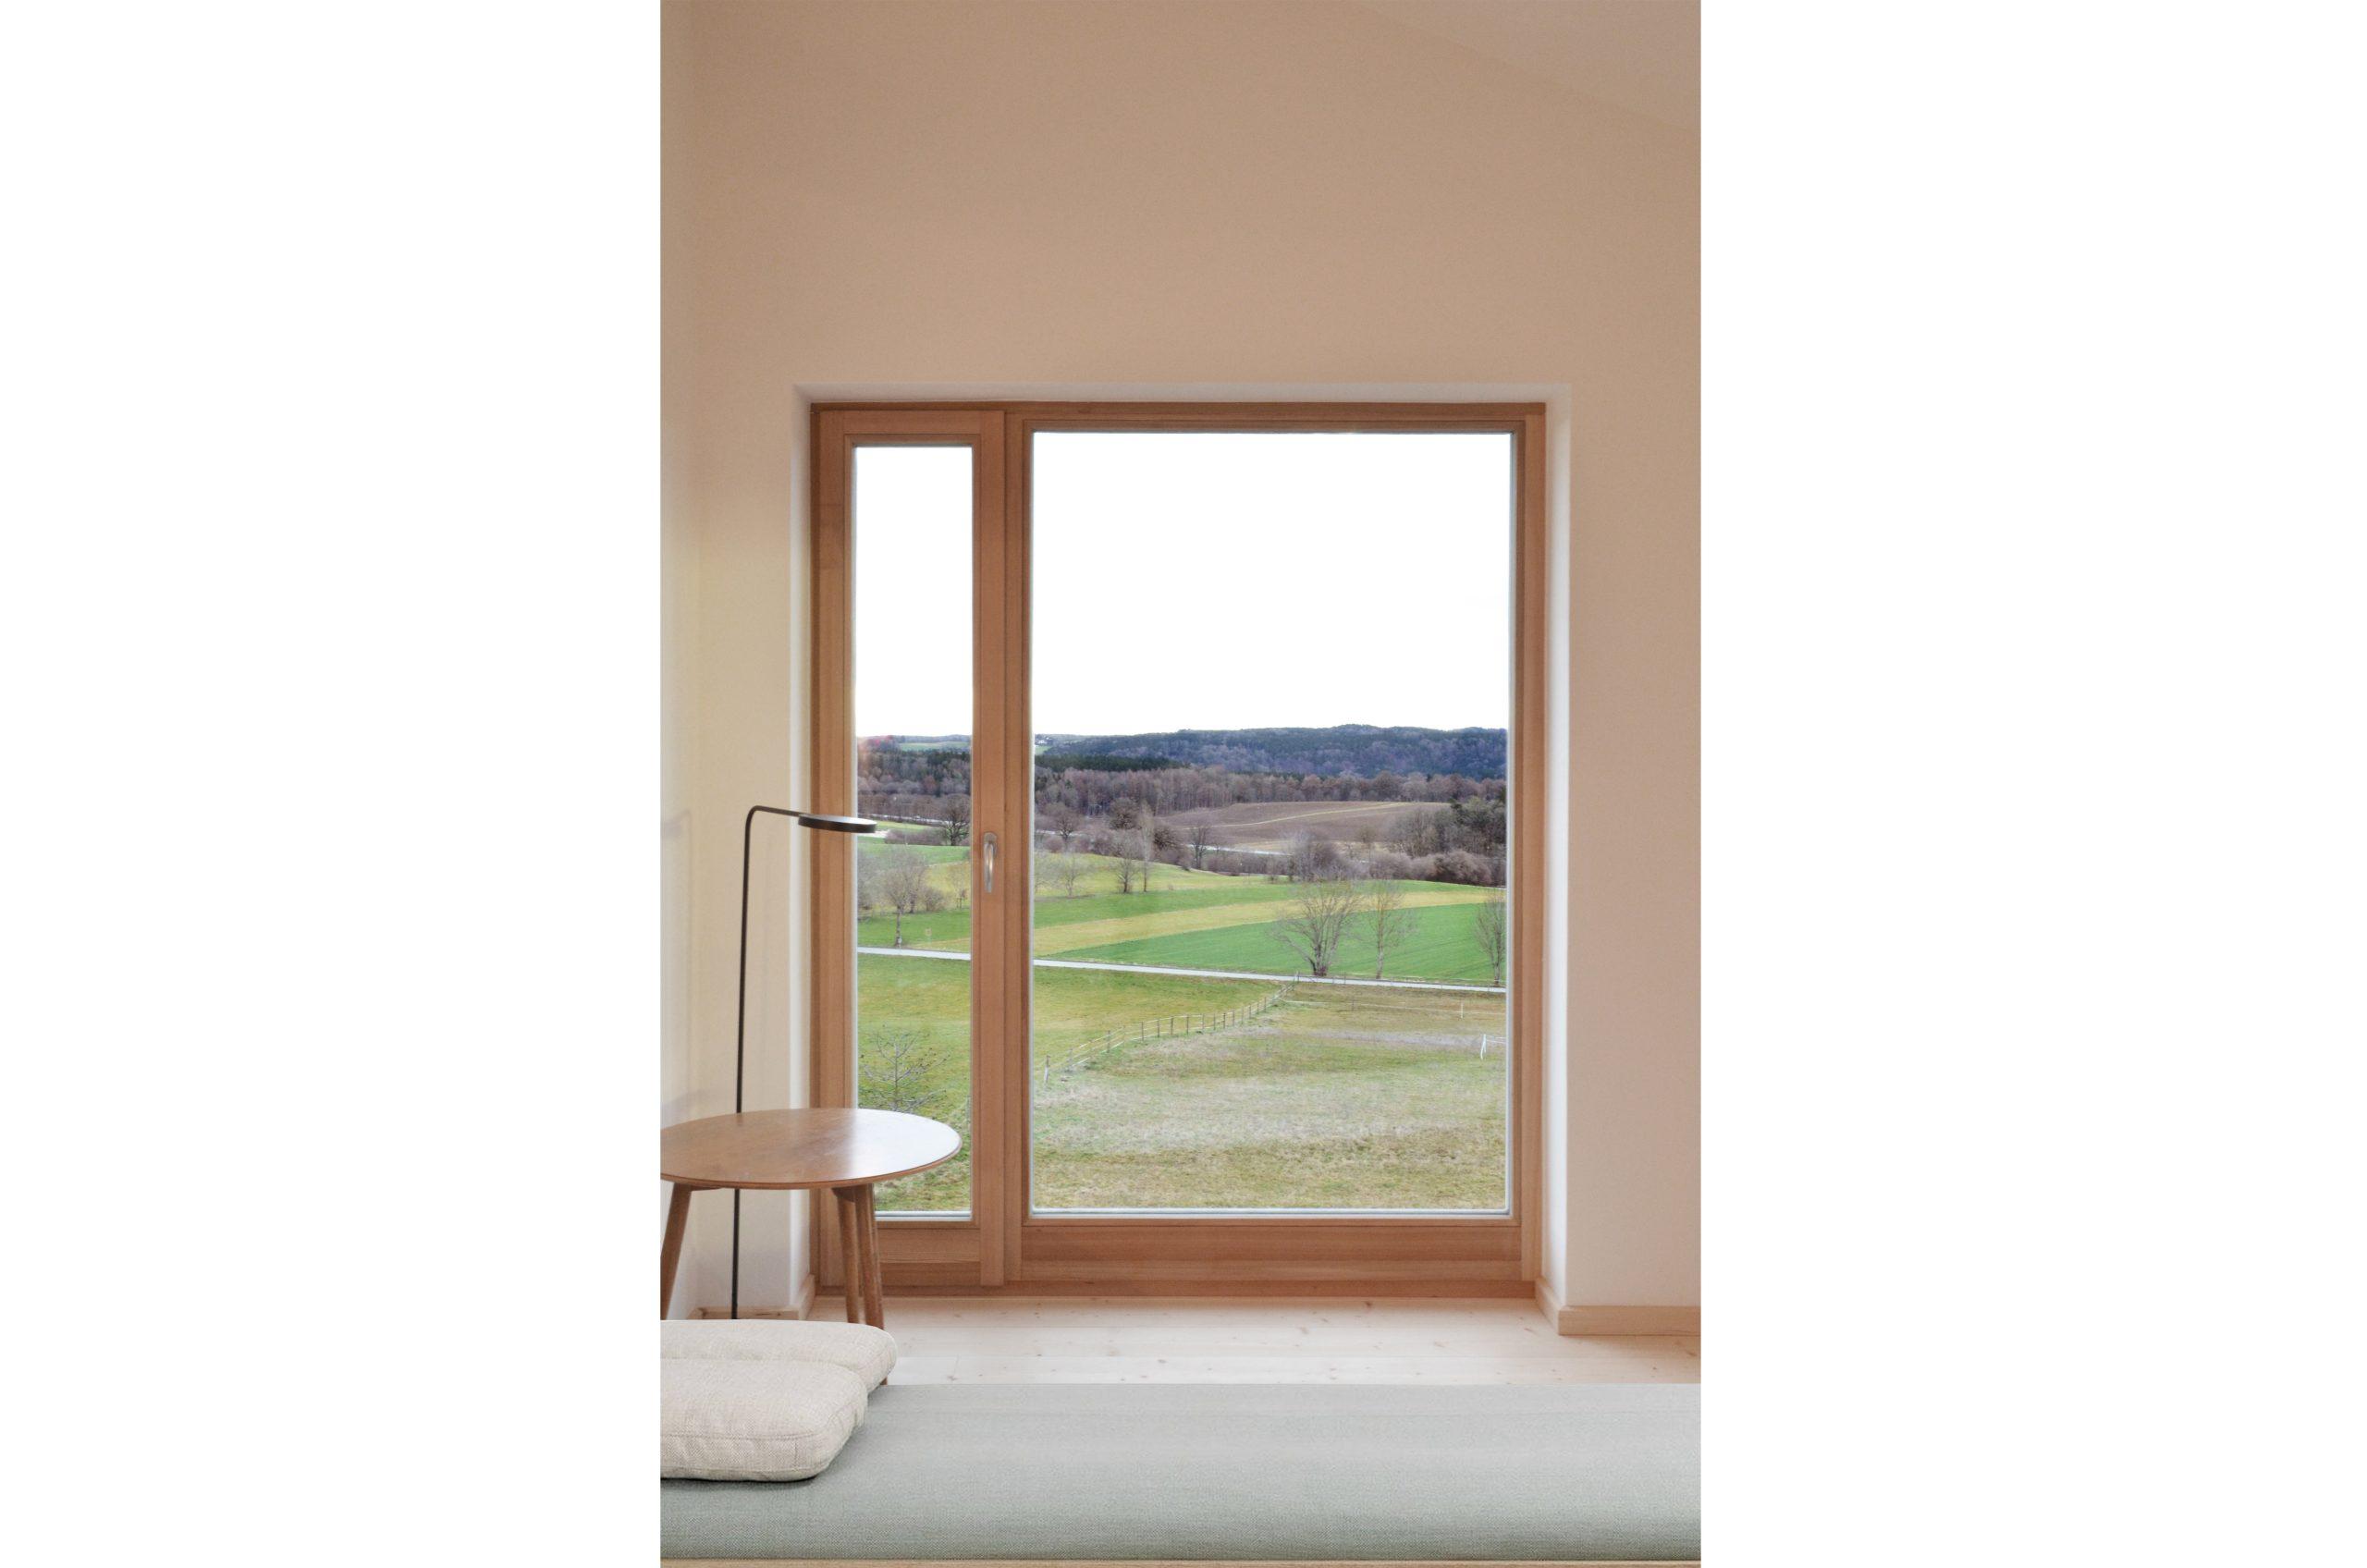 jacob-mayer-voigt-architekt-interior-design-architektur-holzhaus-design-schlafzimmer